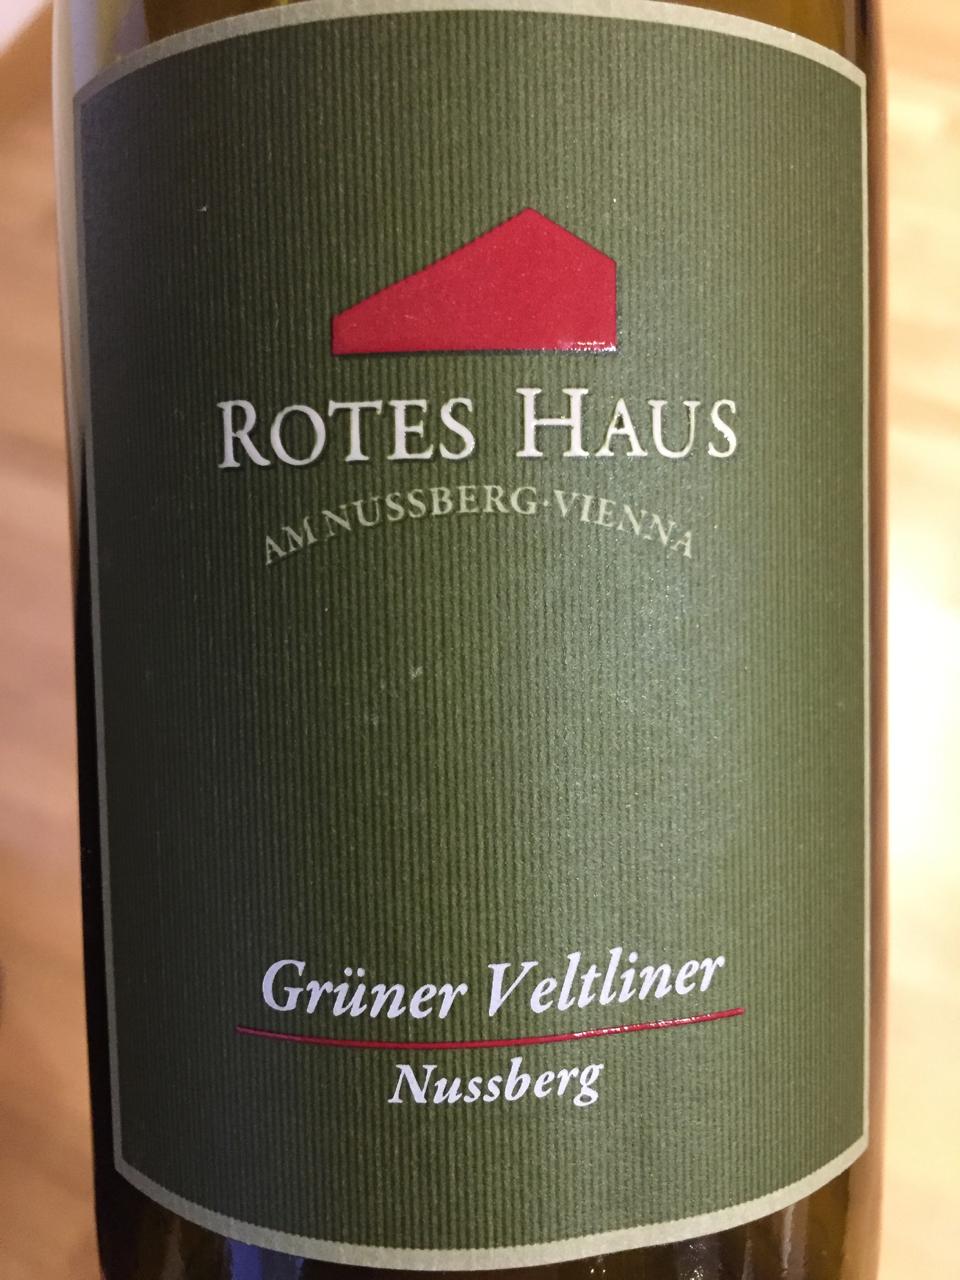 Grüner Veltliner (3).jpg